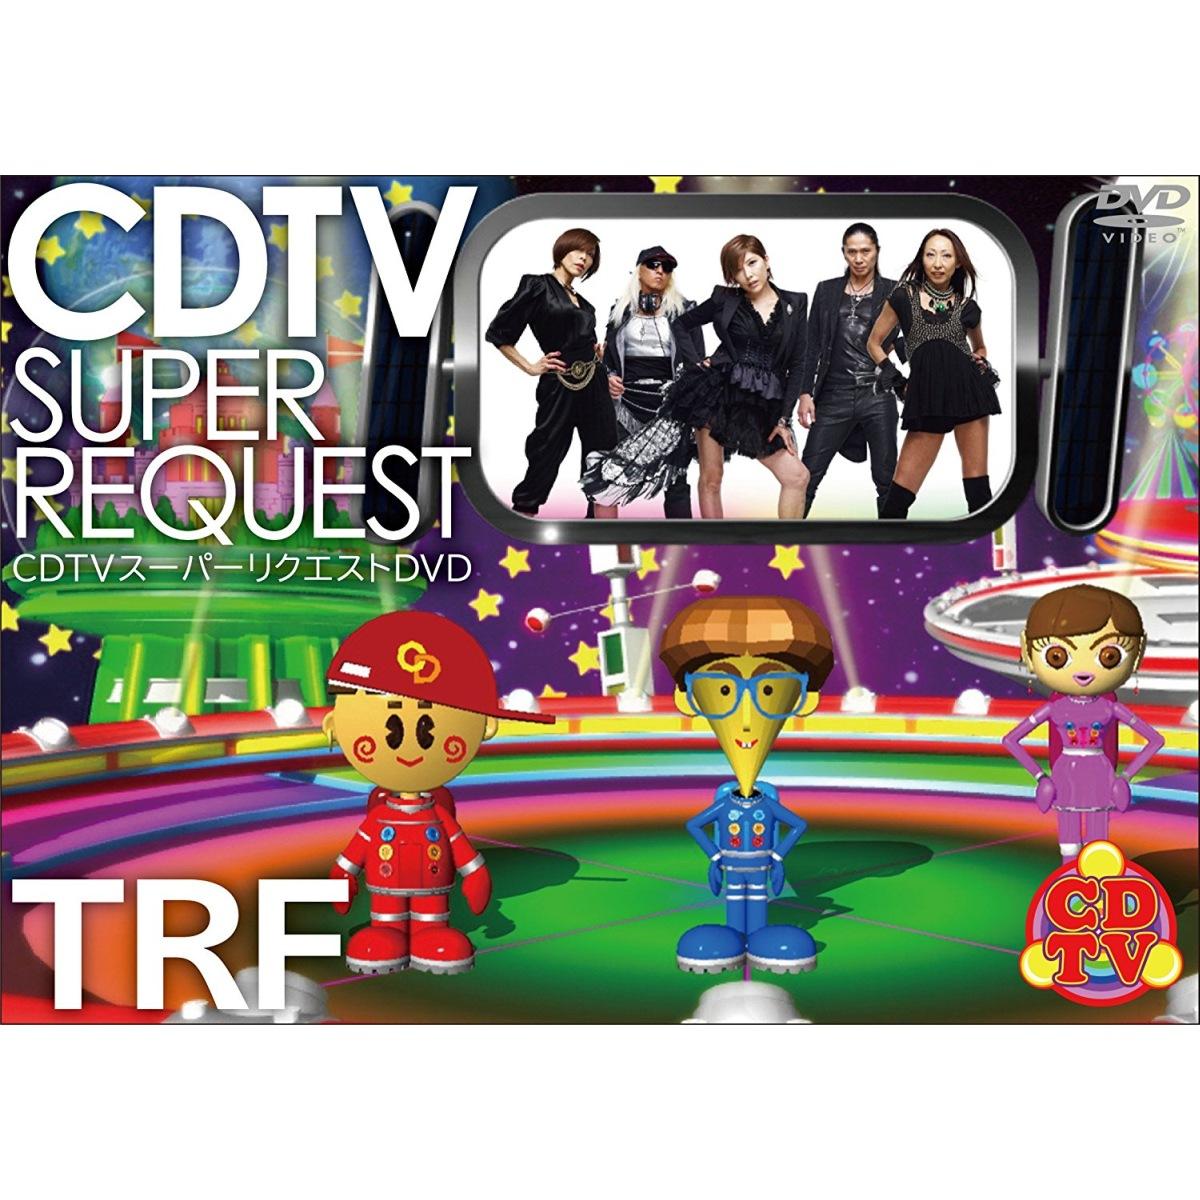 CDTVスーパーリクエストDVD〜TRF〜[AVBD-92453][DVD]